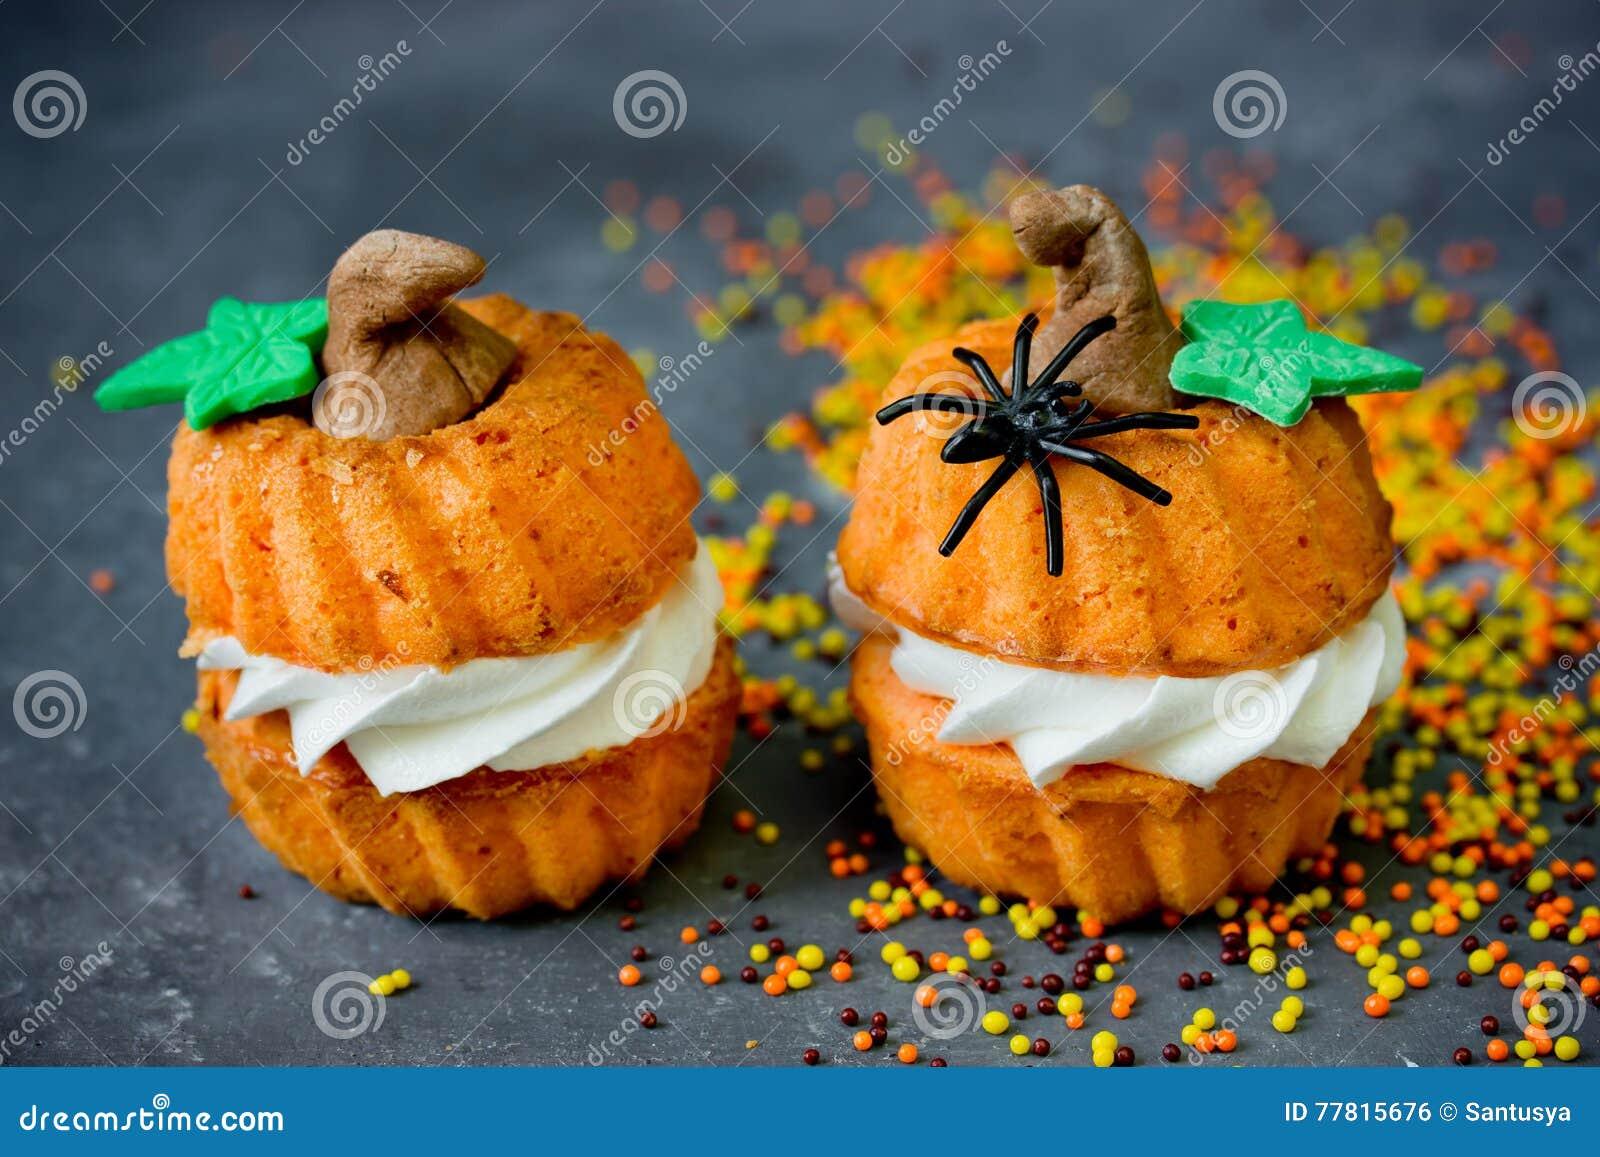 Halloween-Kürbisrezept - Orange Kleine Kuchen In Form Des ...